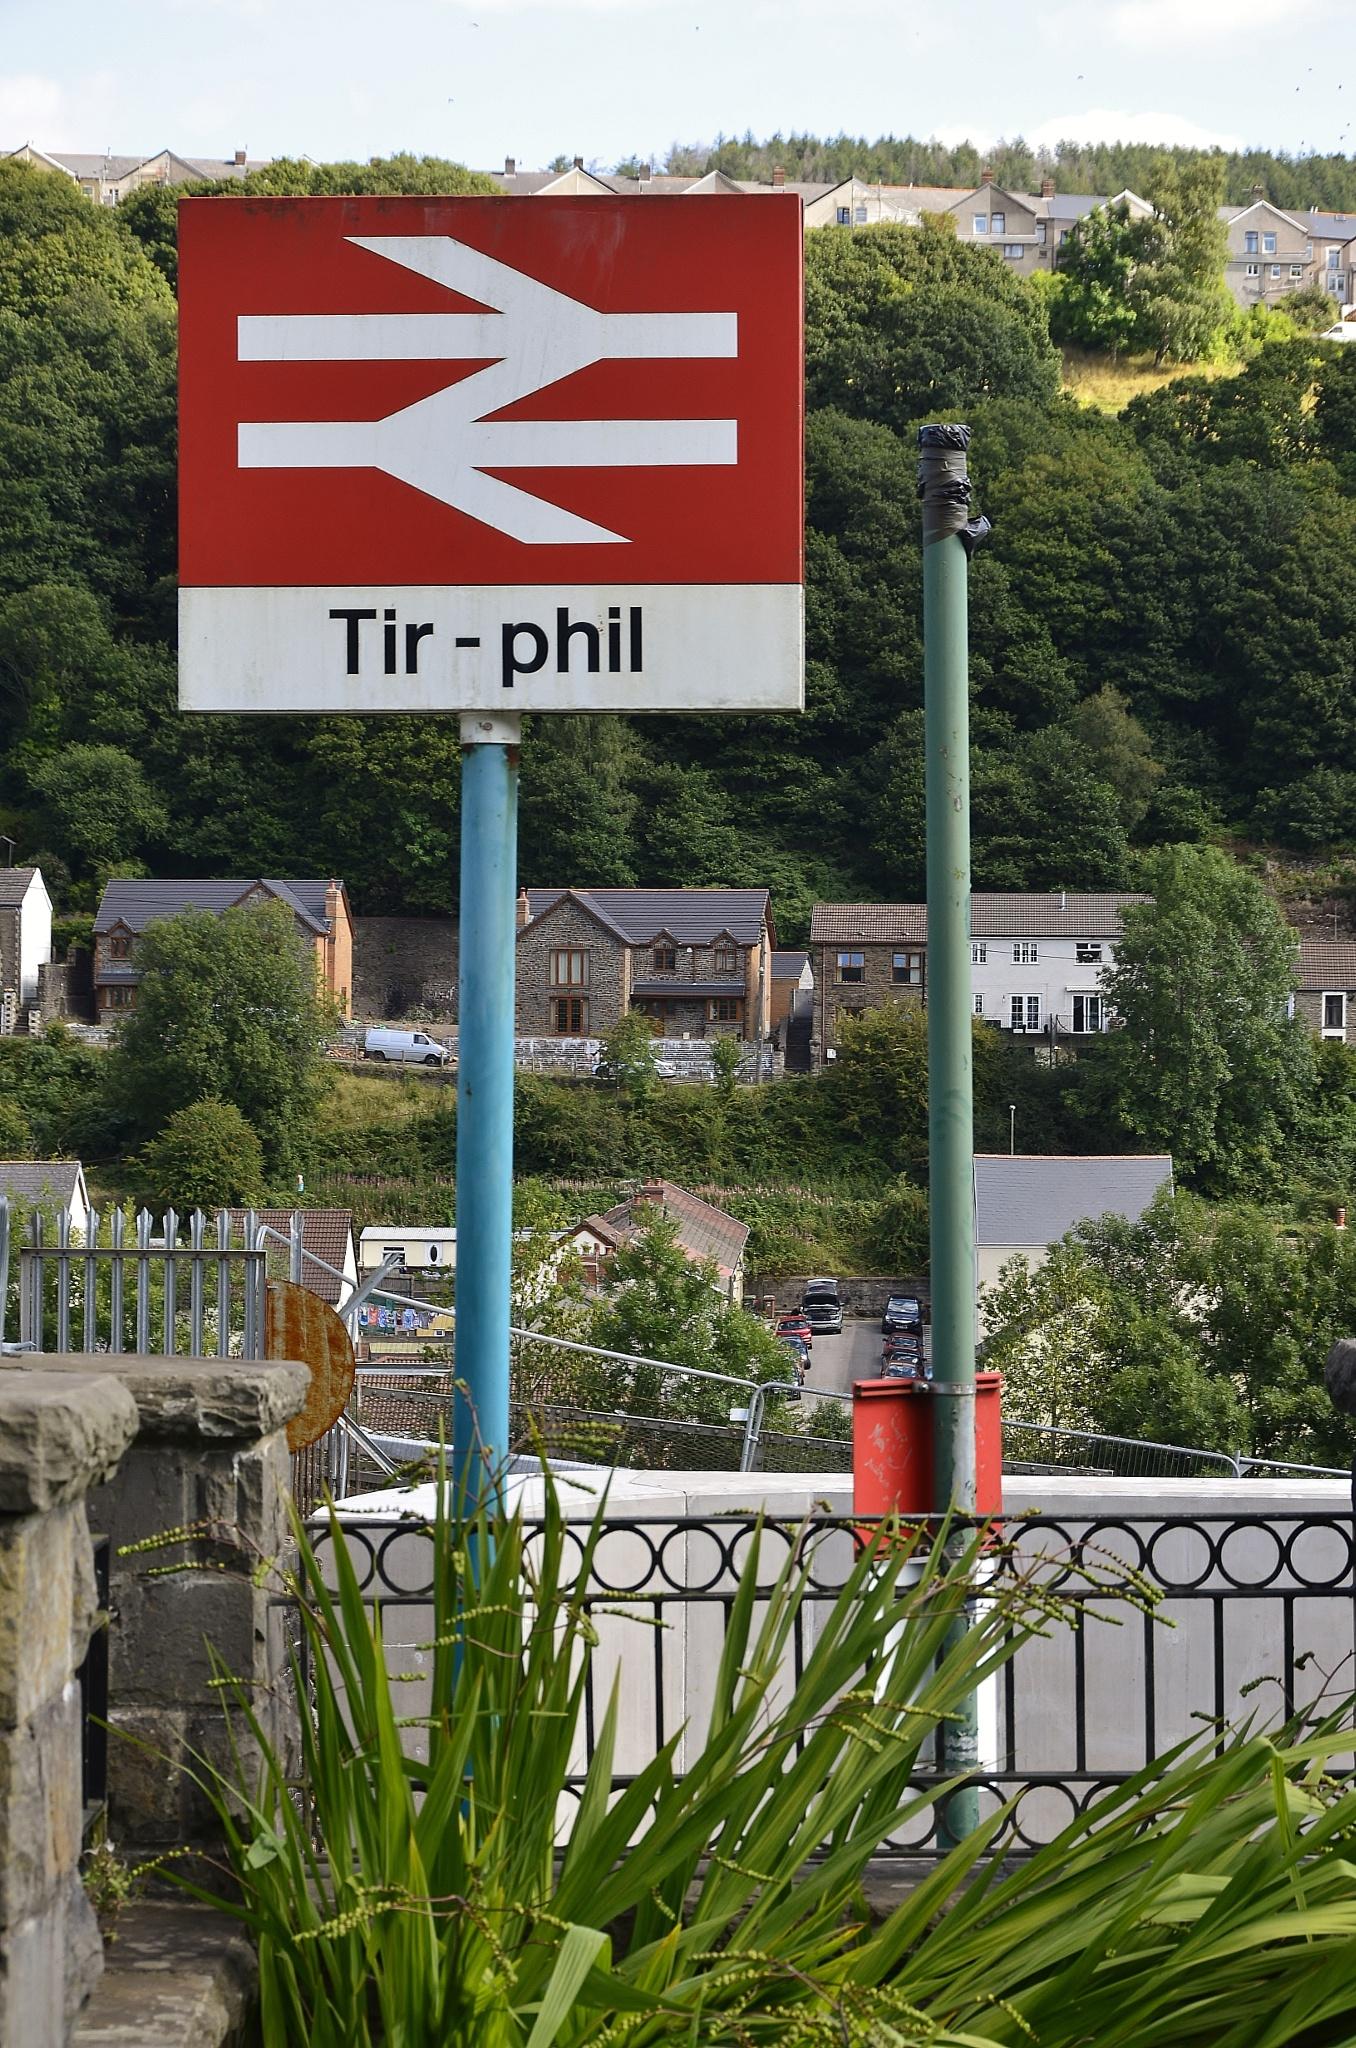 Tir-phil by melaniehartshorn40